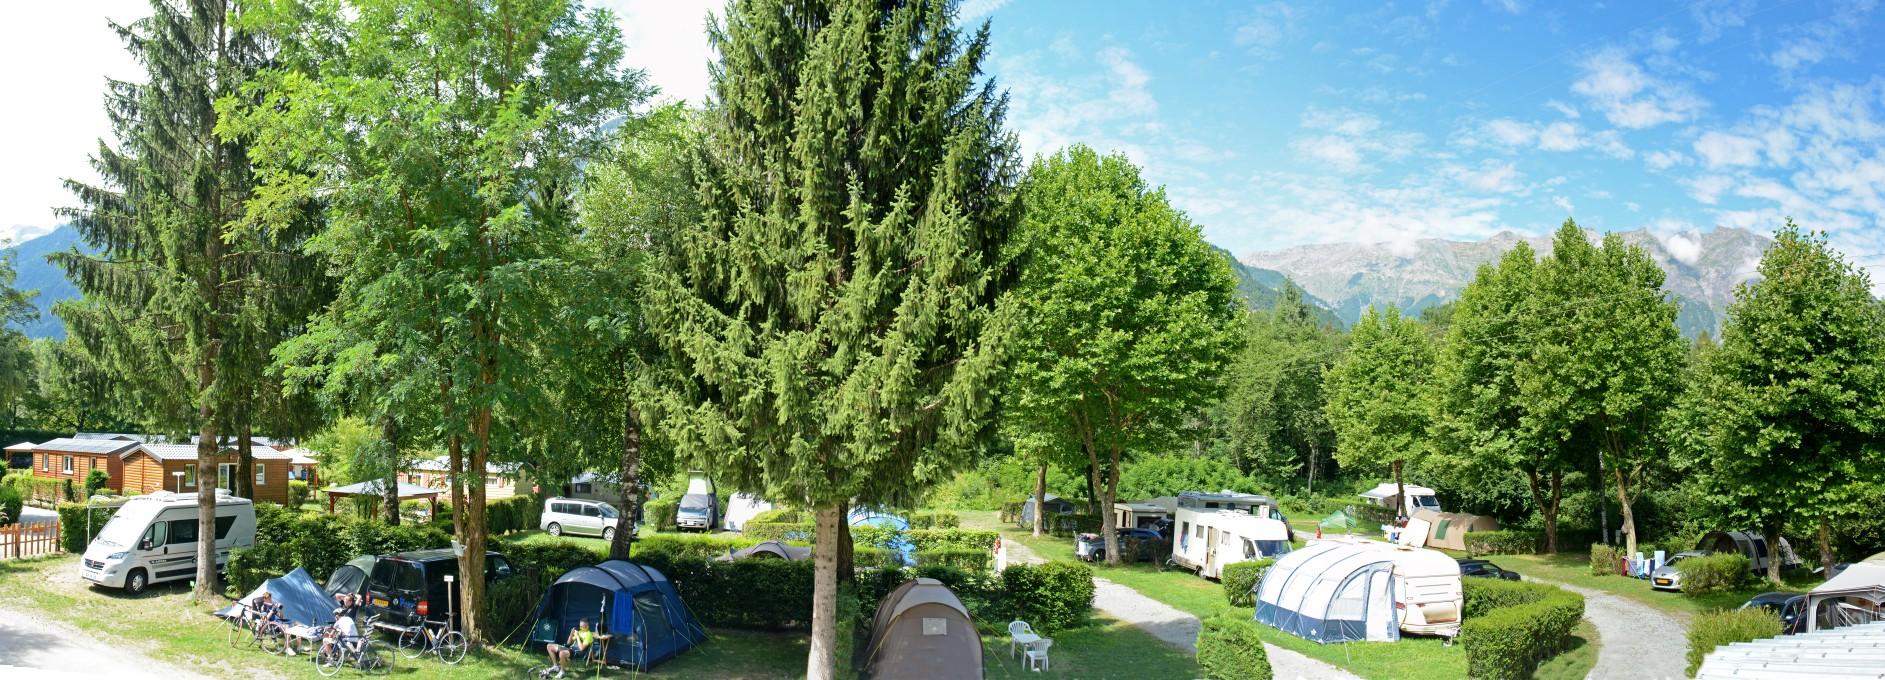 Camping a la rencontre du soleil zoover